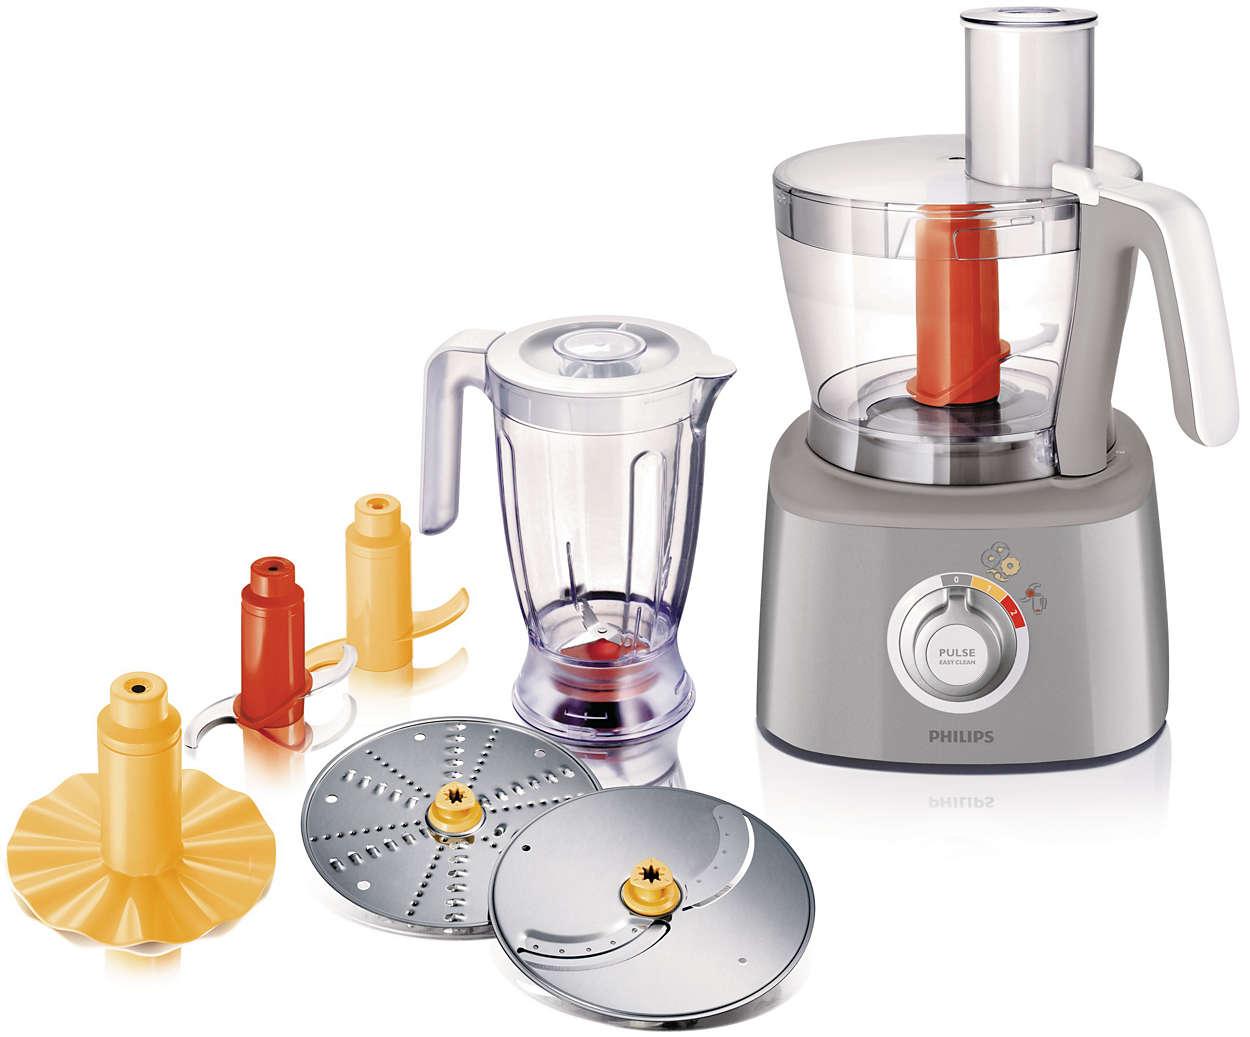 Robot de cuisine hr7771 50 philips for Robot cuisine philips